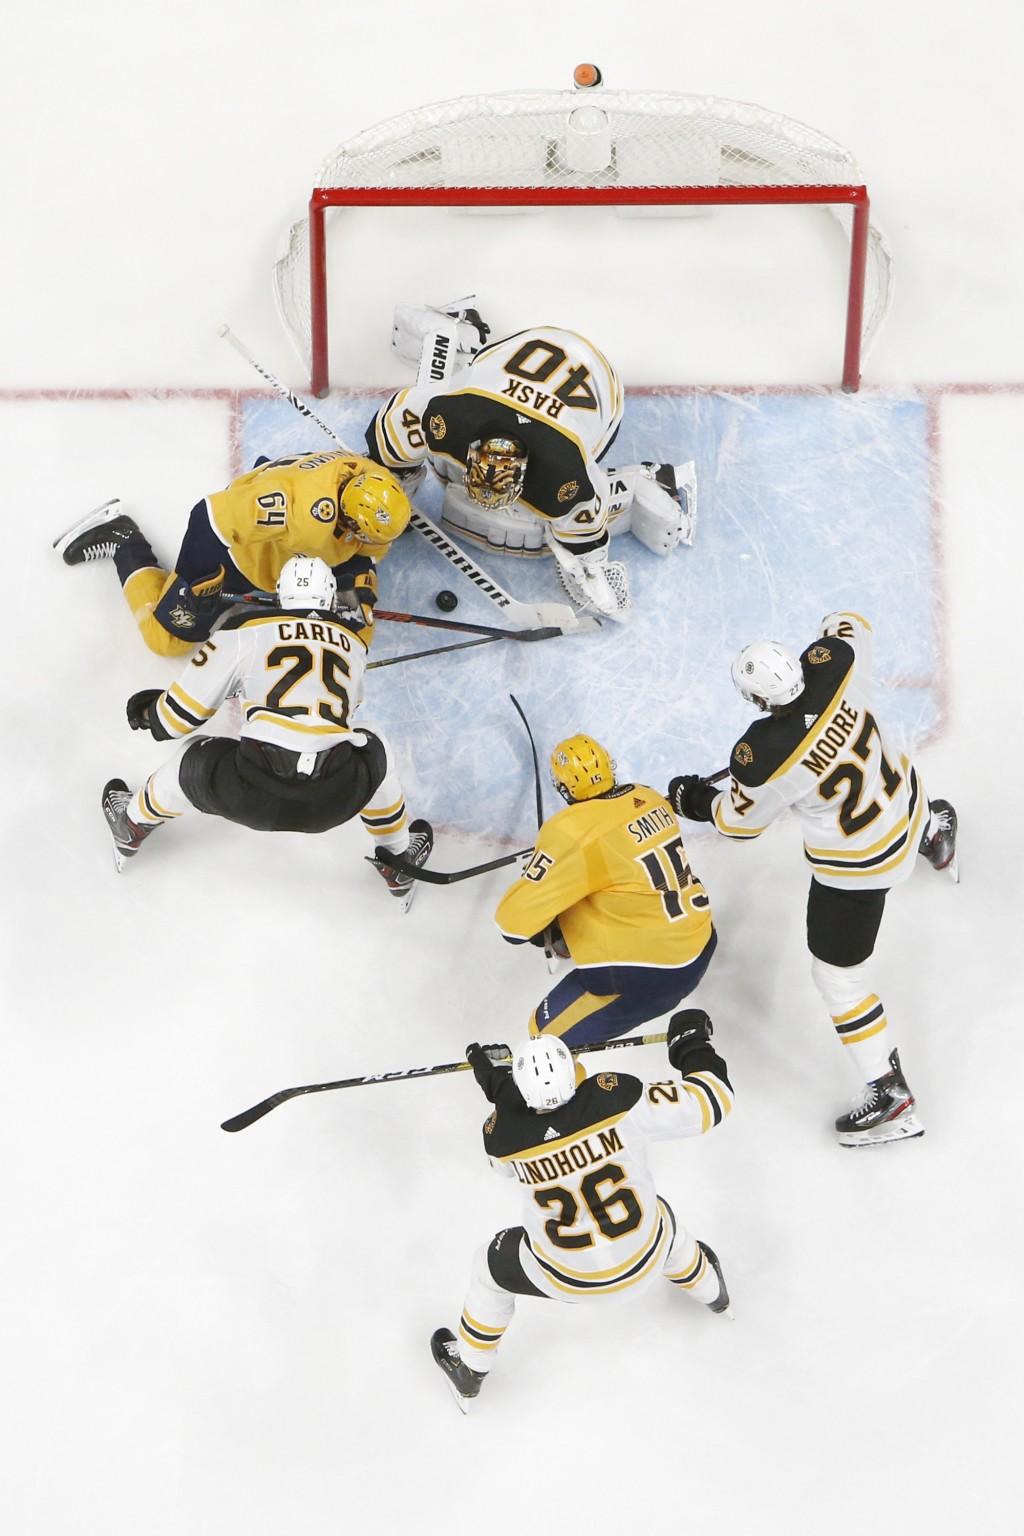 Nashville Predators center Mikael Granlund (64), of Finland, scores a goal against Boston Bruins goaltender Tuukka Rask (40), of Finland, in the third...